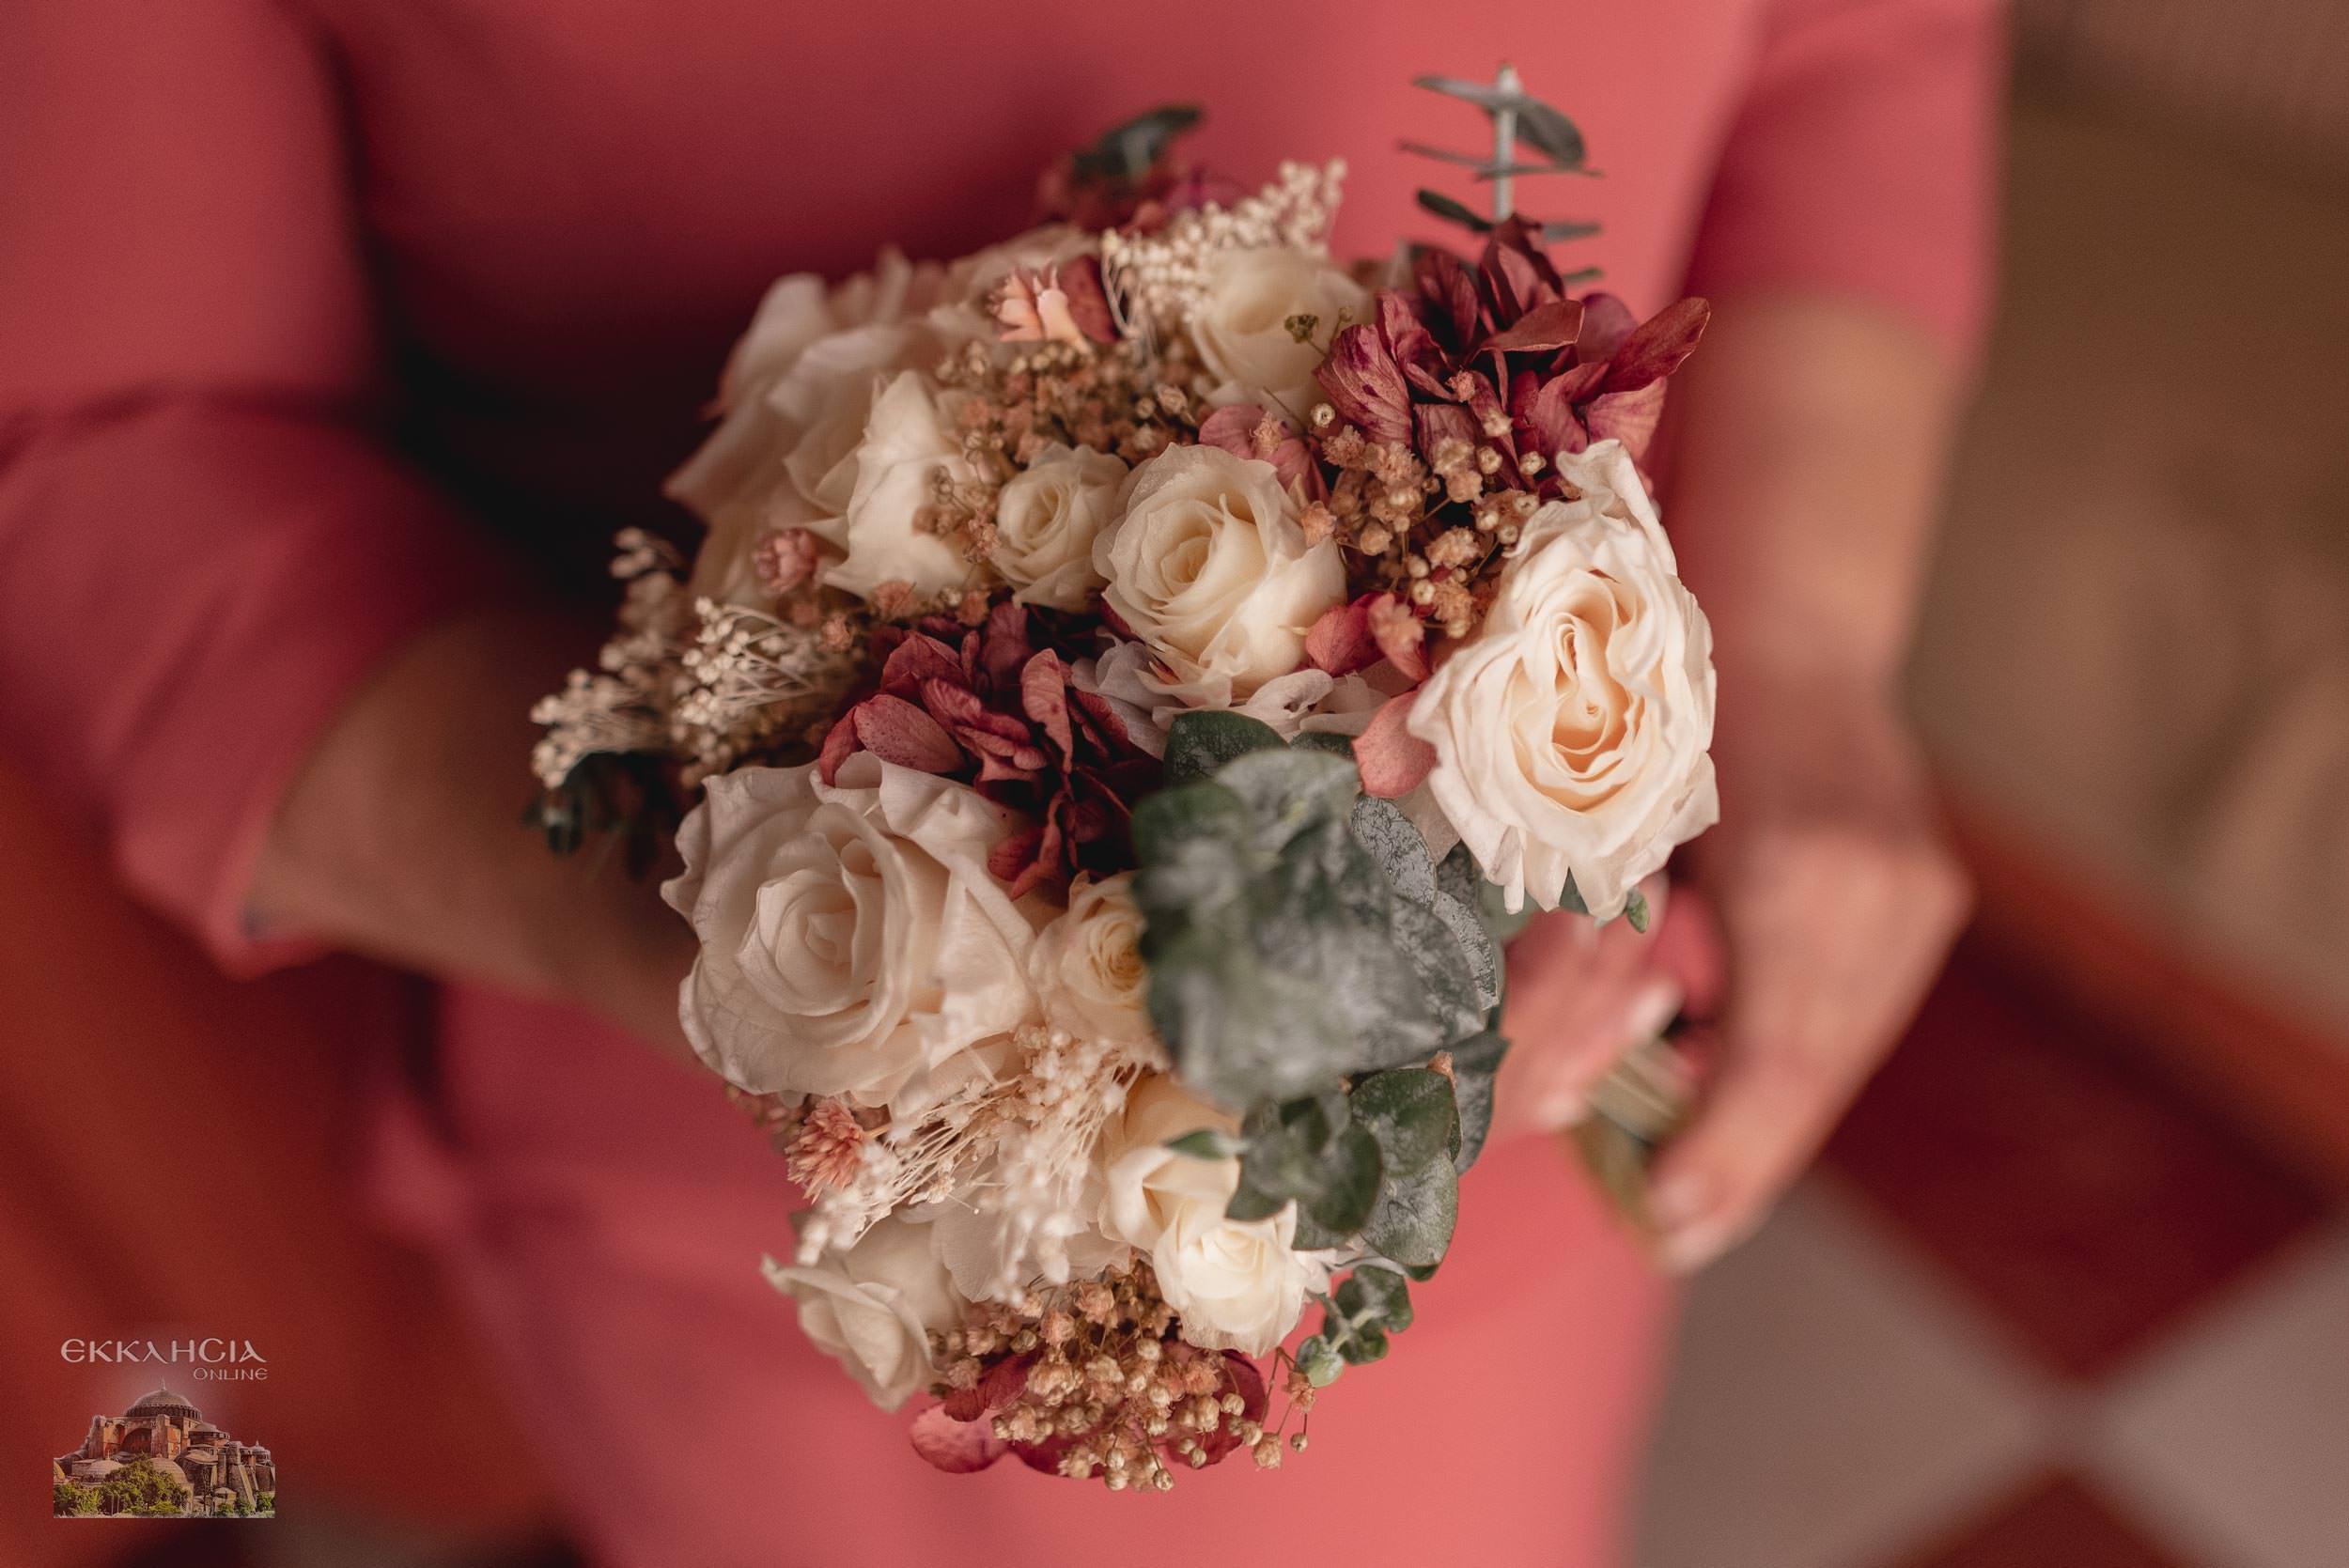 ποιοι γιορτάζουν σήμερα γιορτή λουλούδια